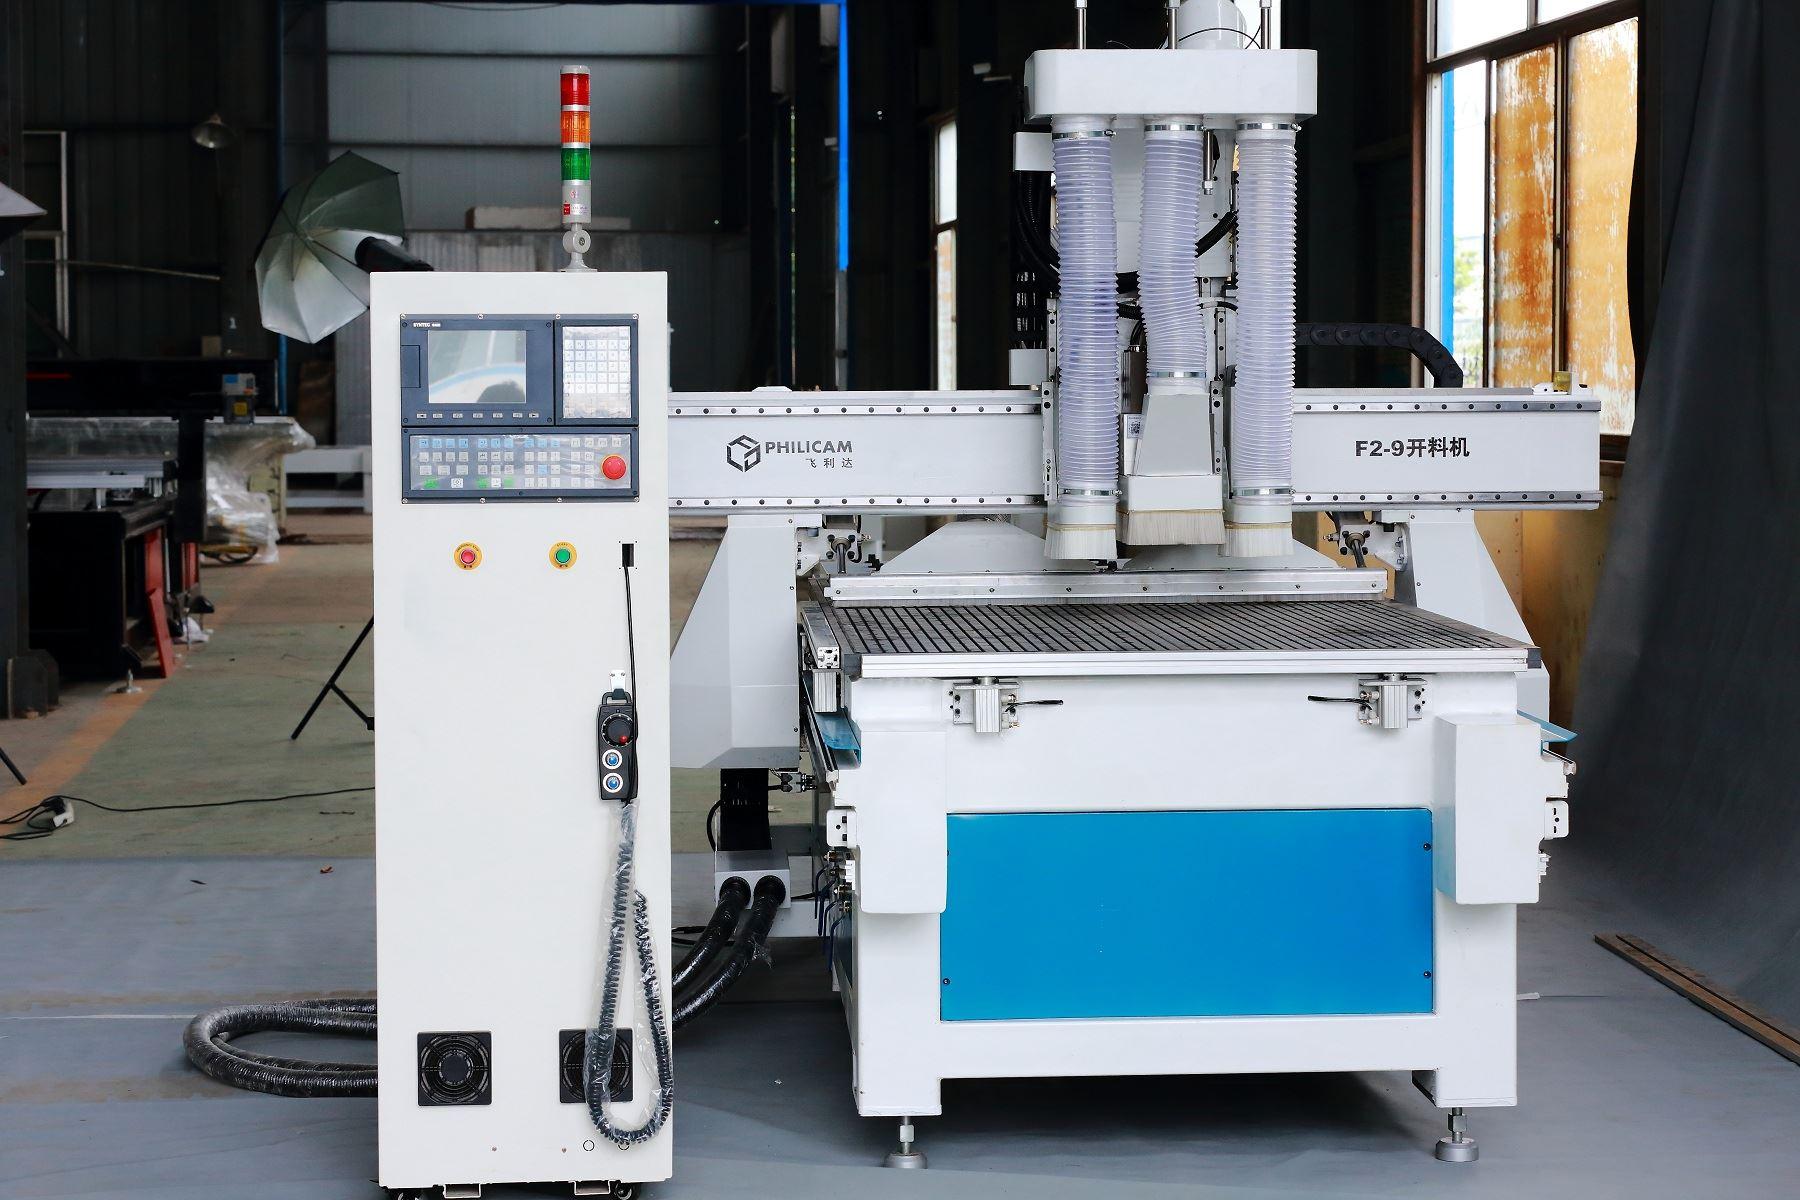 Cabinet Kitchen CNC Machine